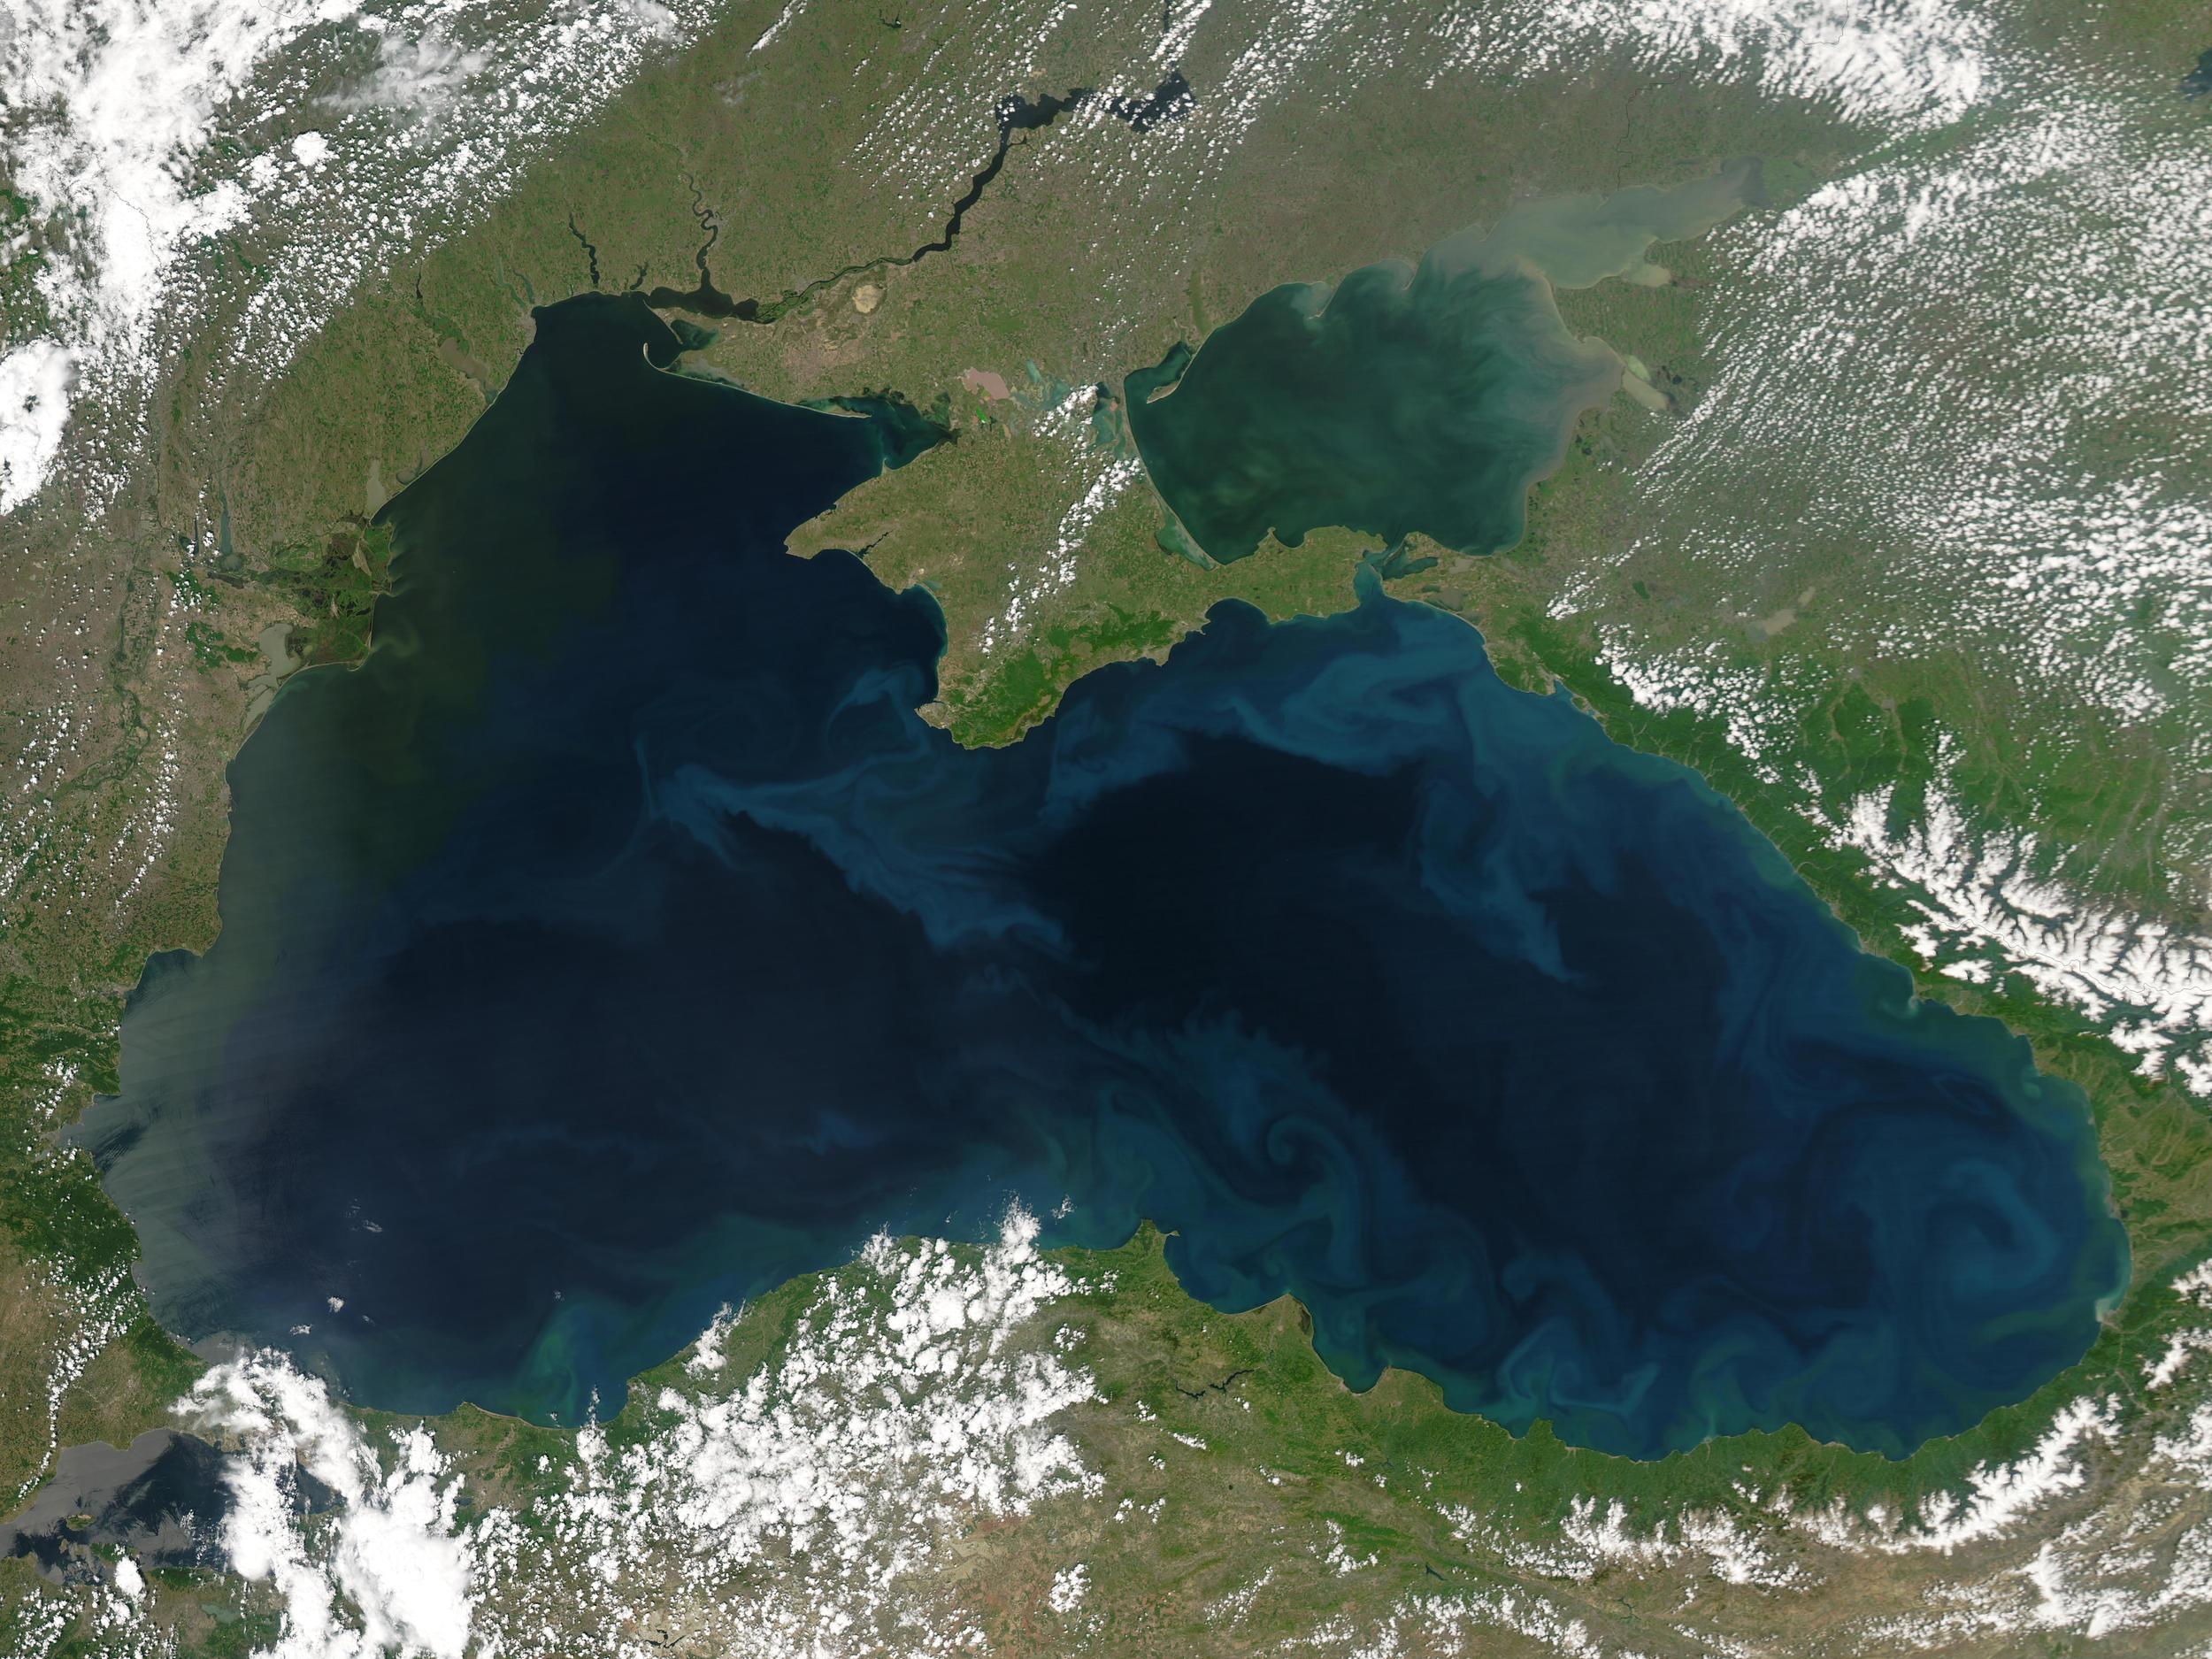 The Black Sea | [public domain]